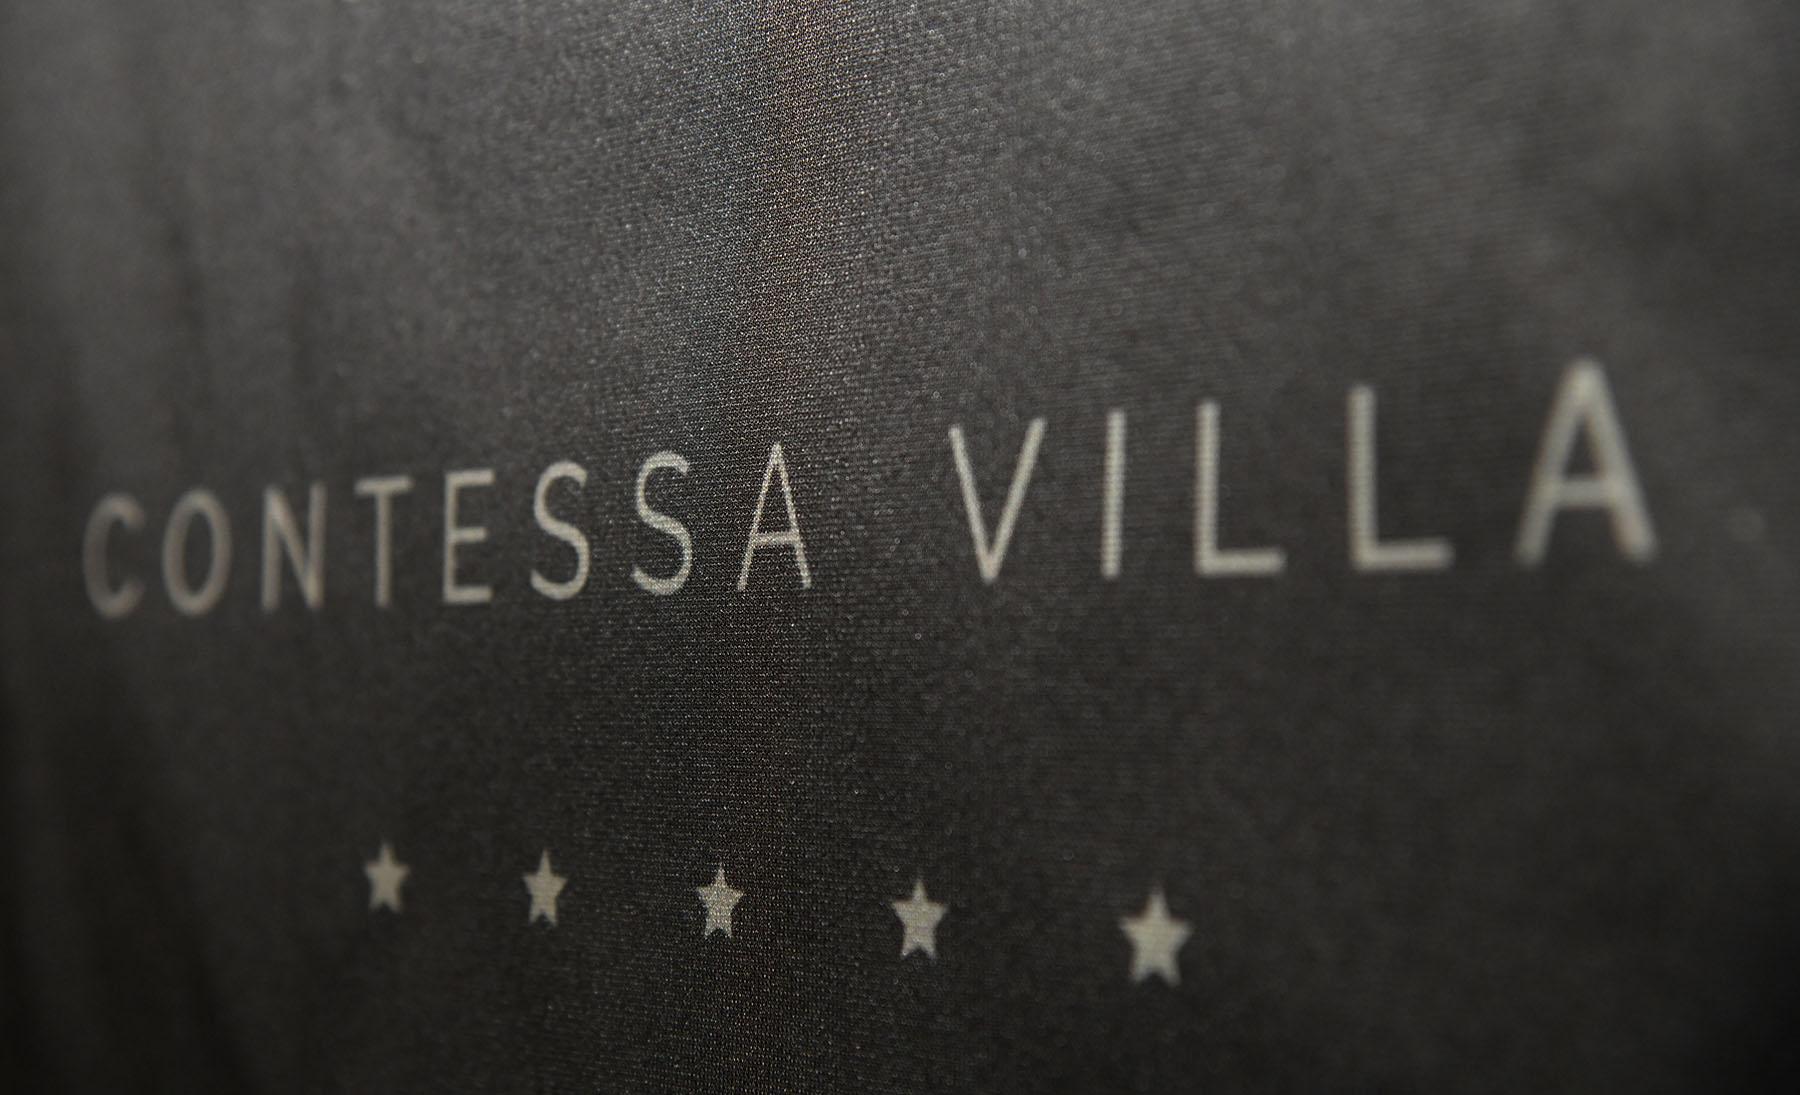 """Contessa Christmas event kao """"hvala"""" za prošlu, i još uspješniju 2020. godinu"""